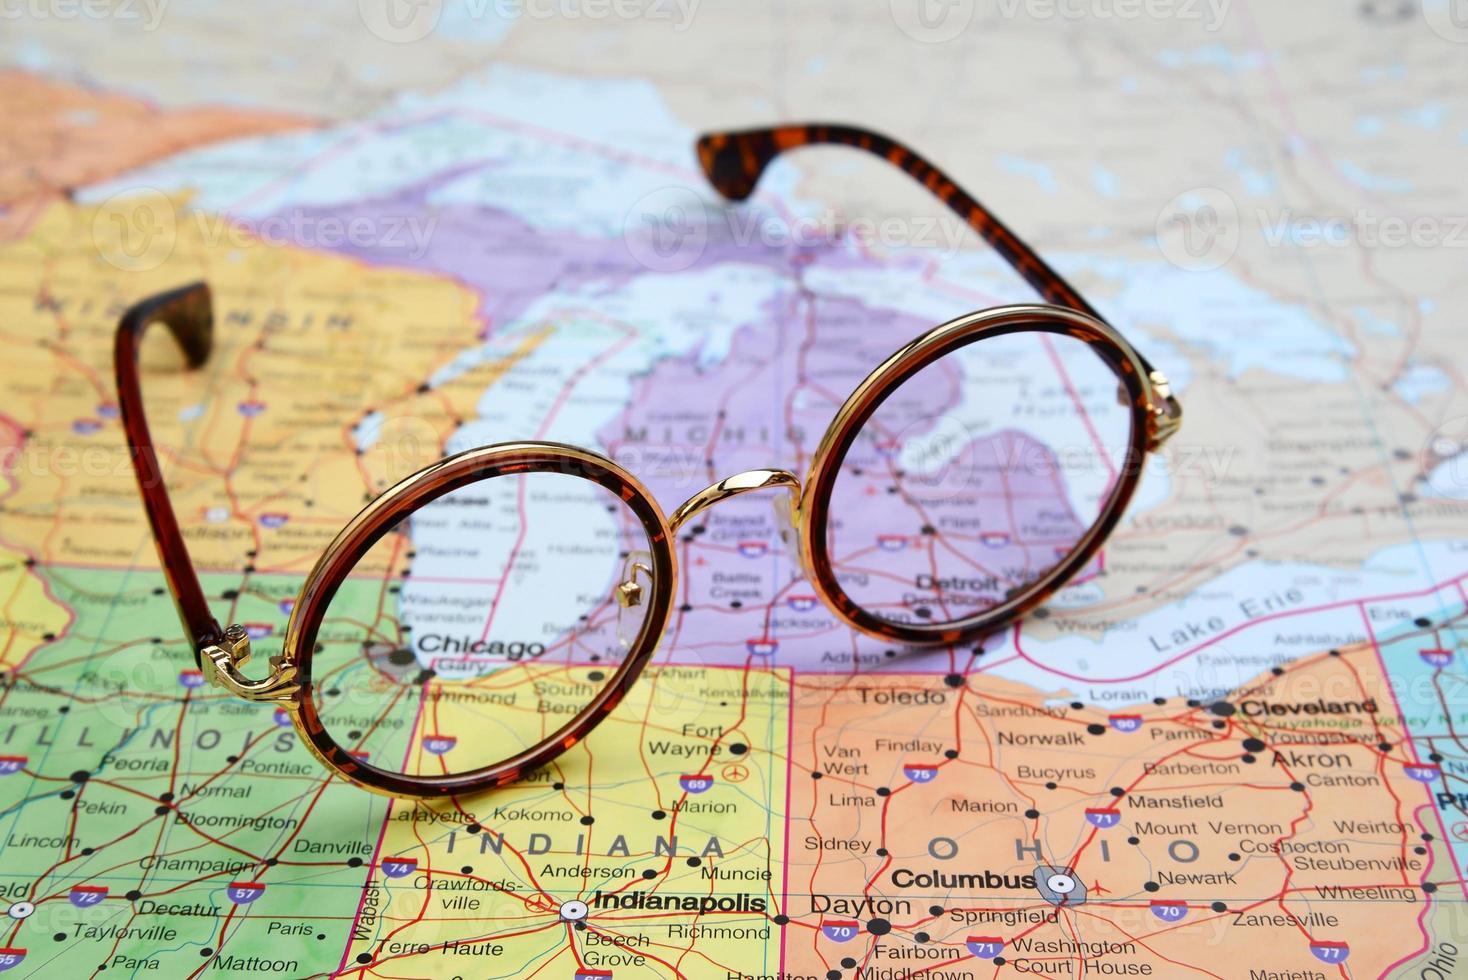 verres sur une carte des Etats-Unis - chicago photo